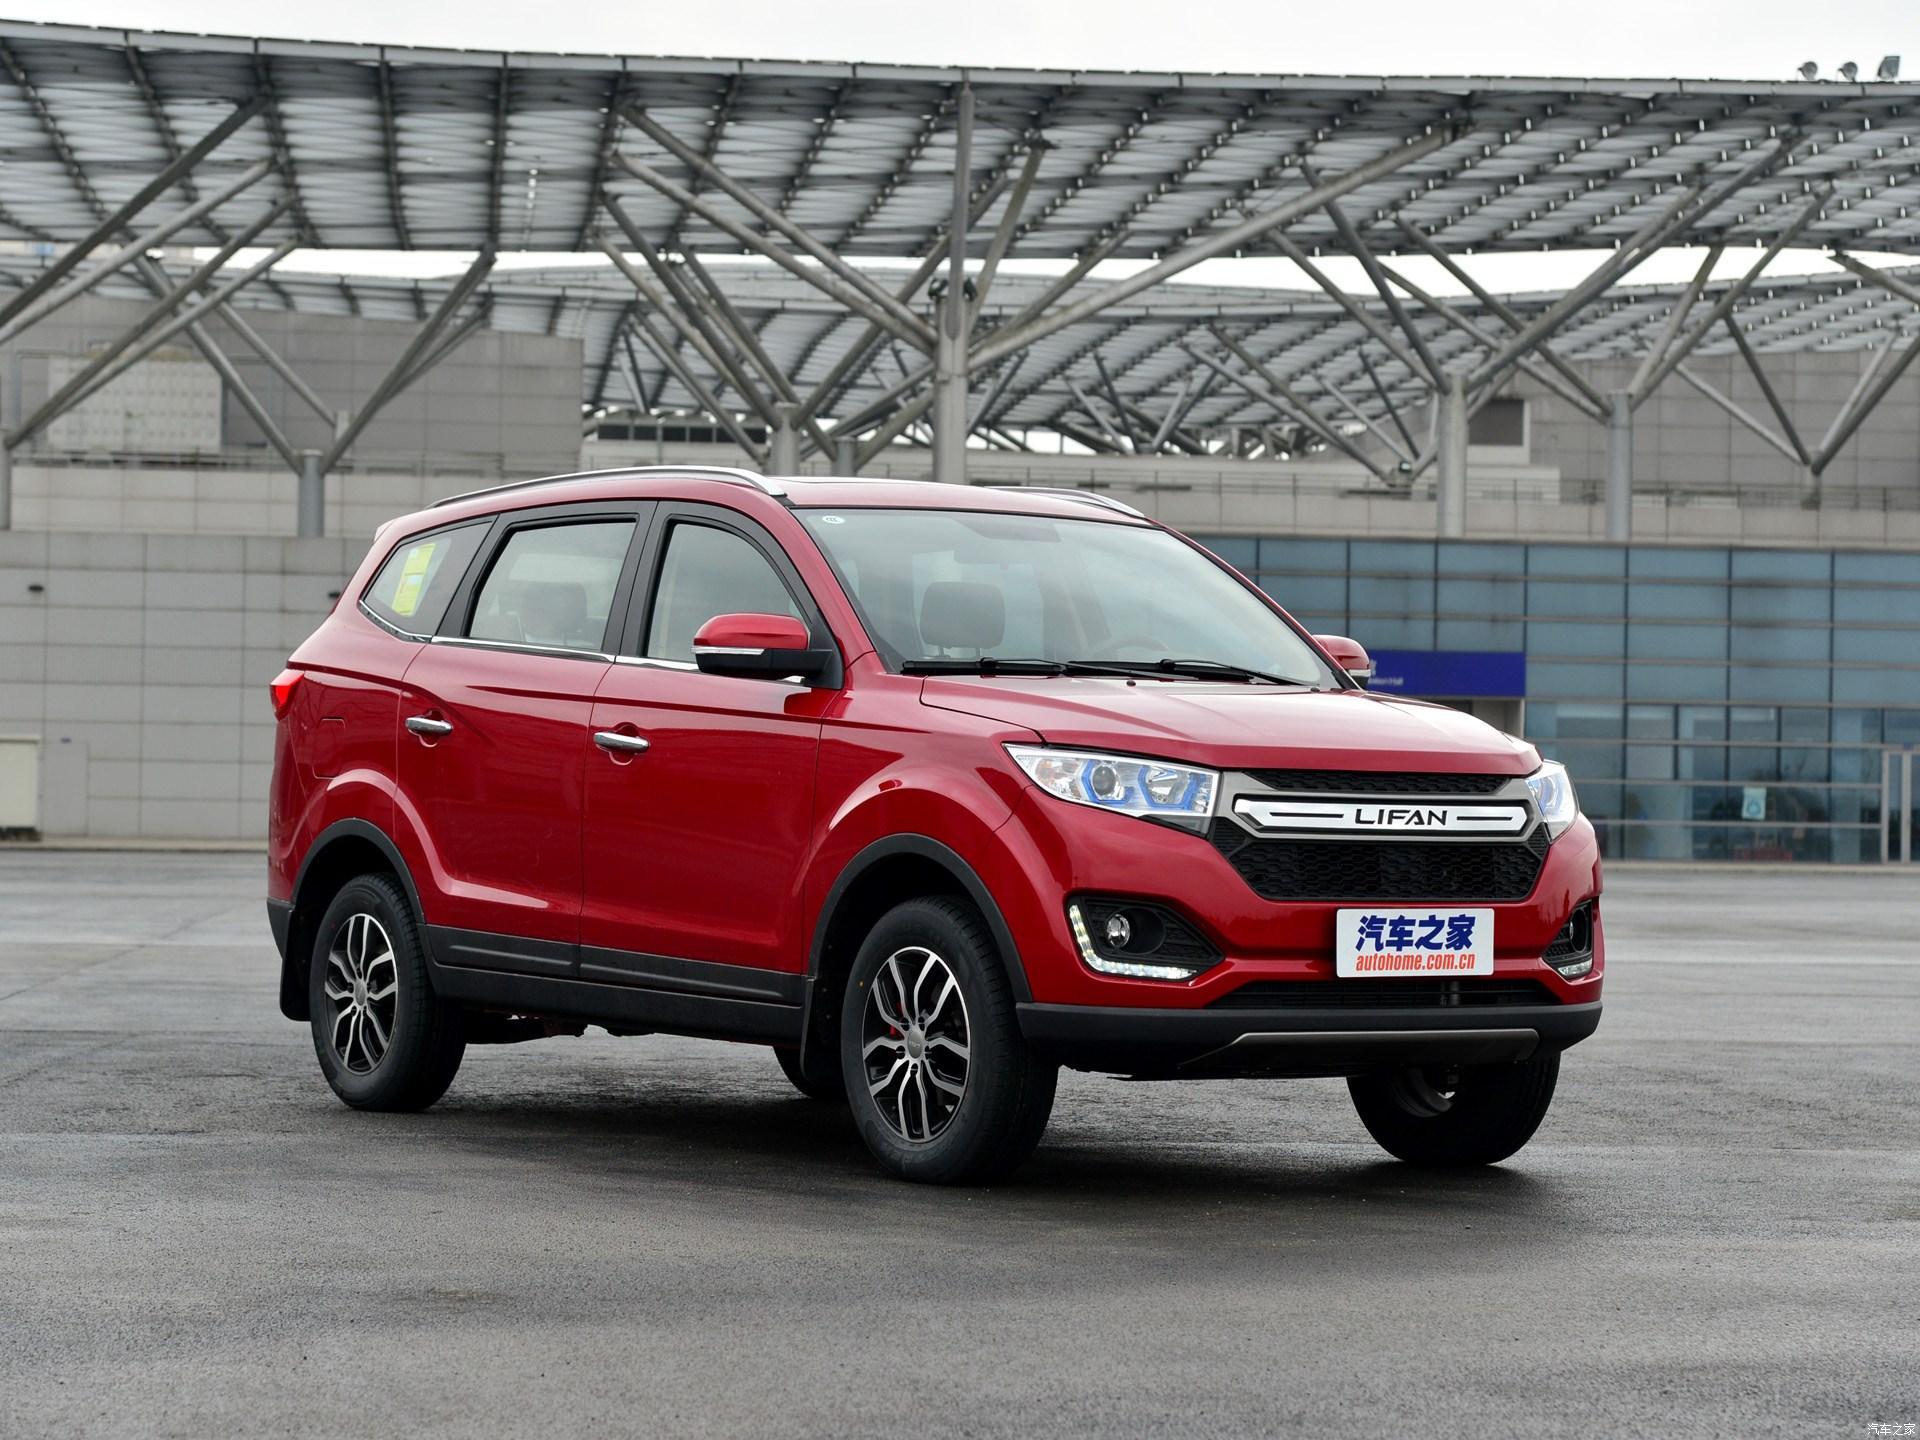 Покупка китайских автомобилей: плюсы и минусы